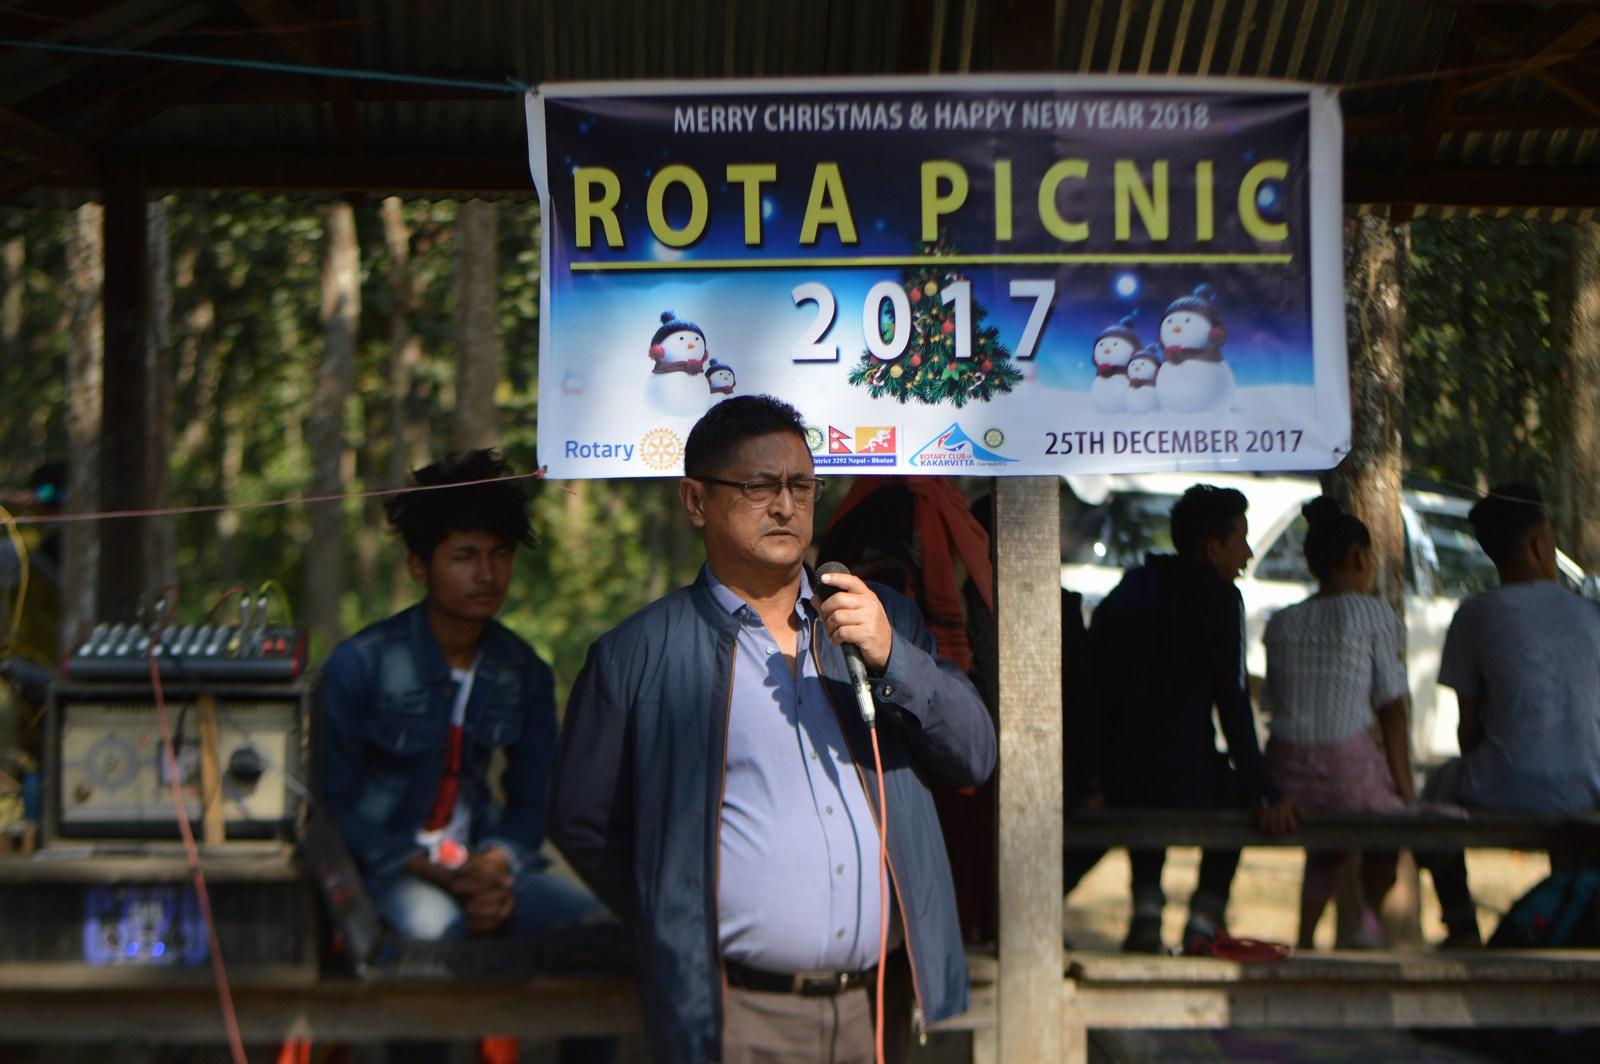 Rota-Picnic-2017-Rotary-Club-of-Kakarvitta-90